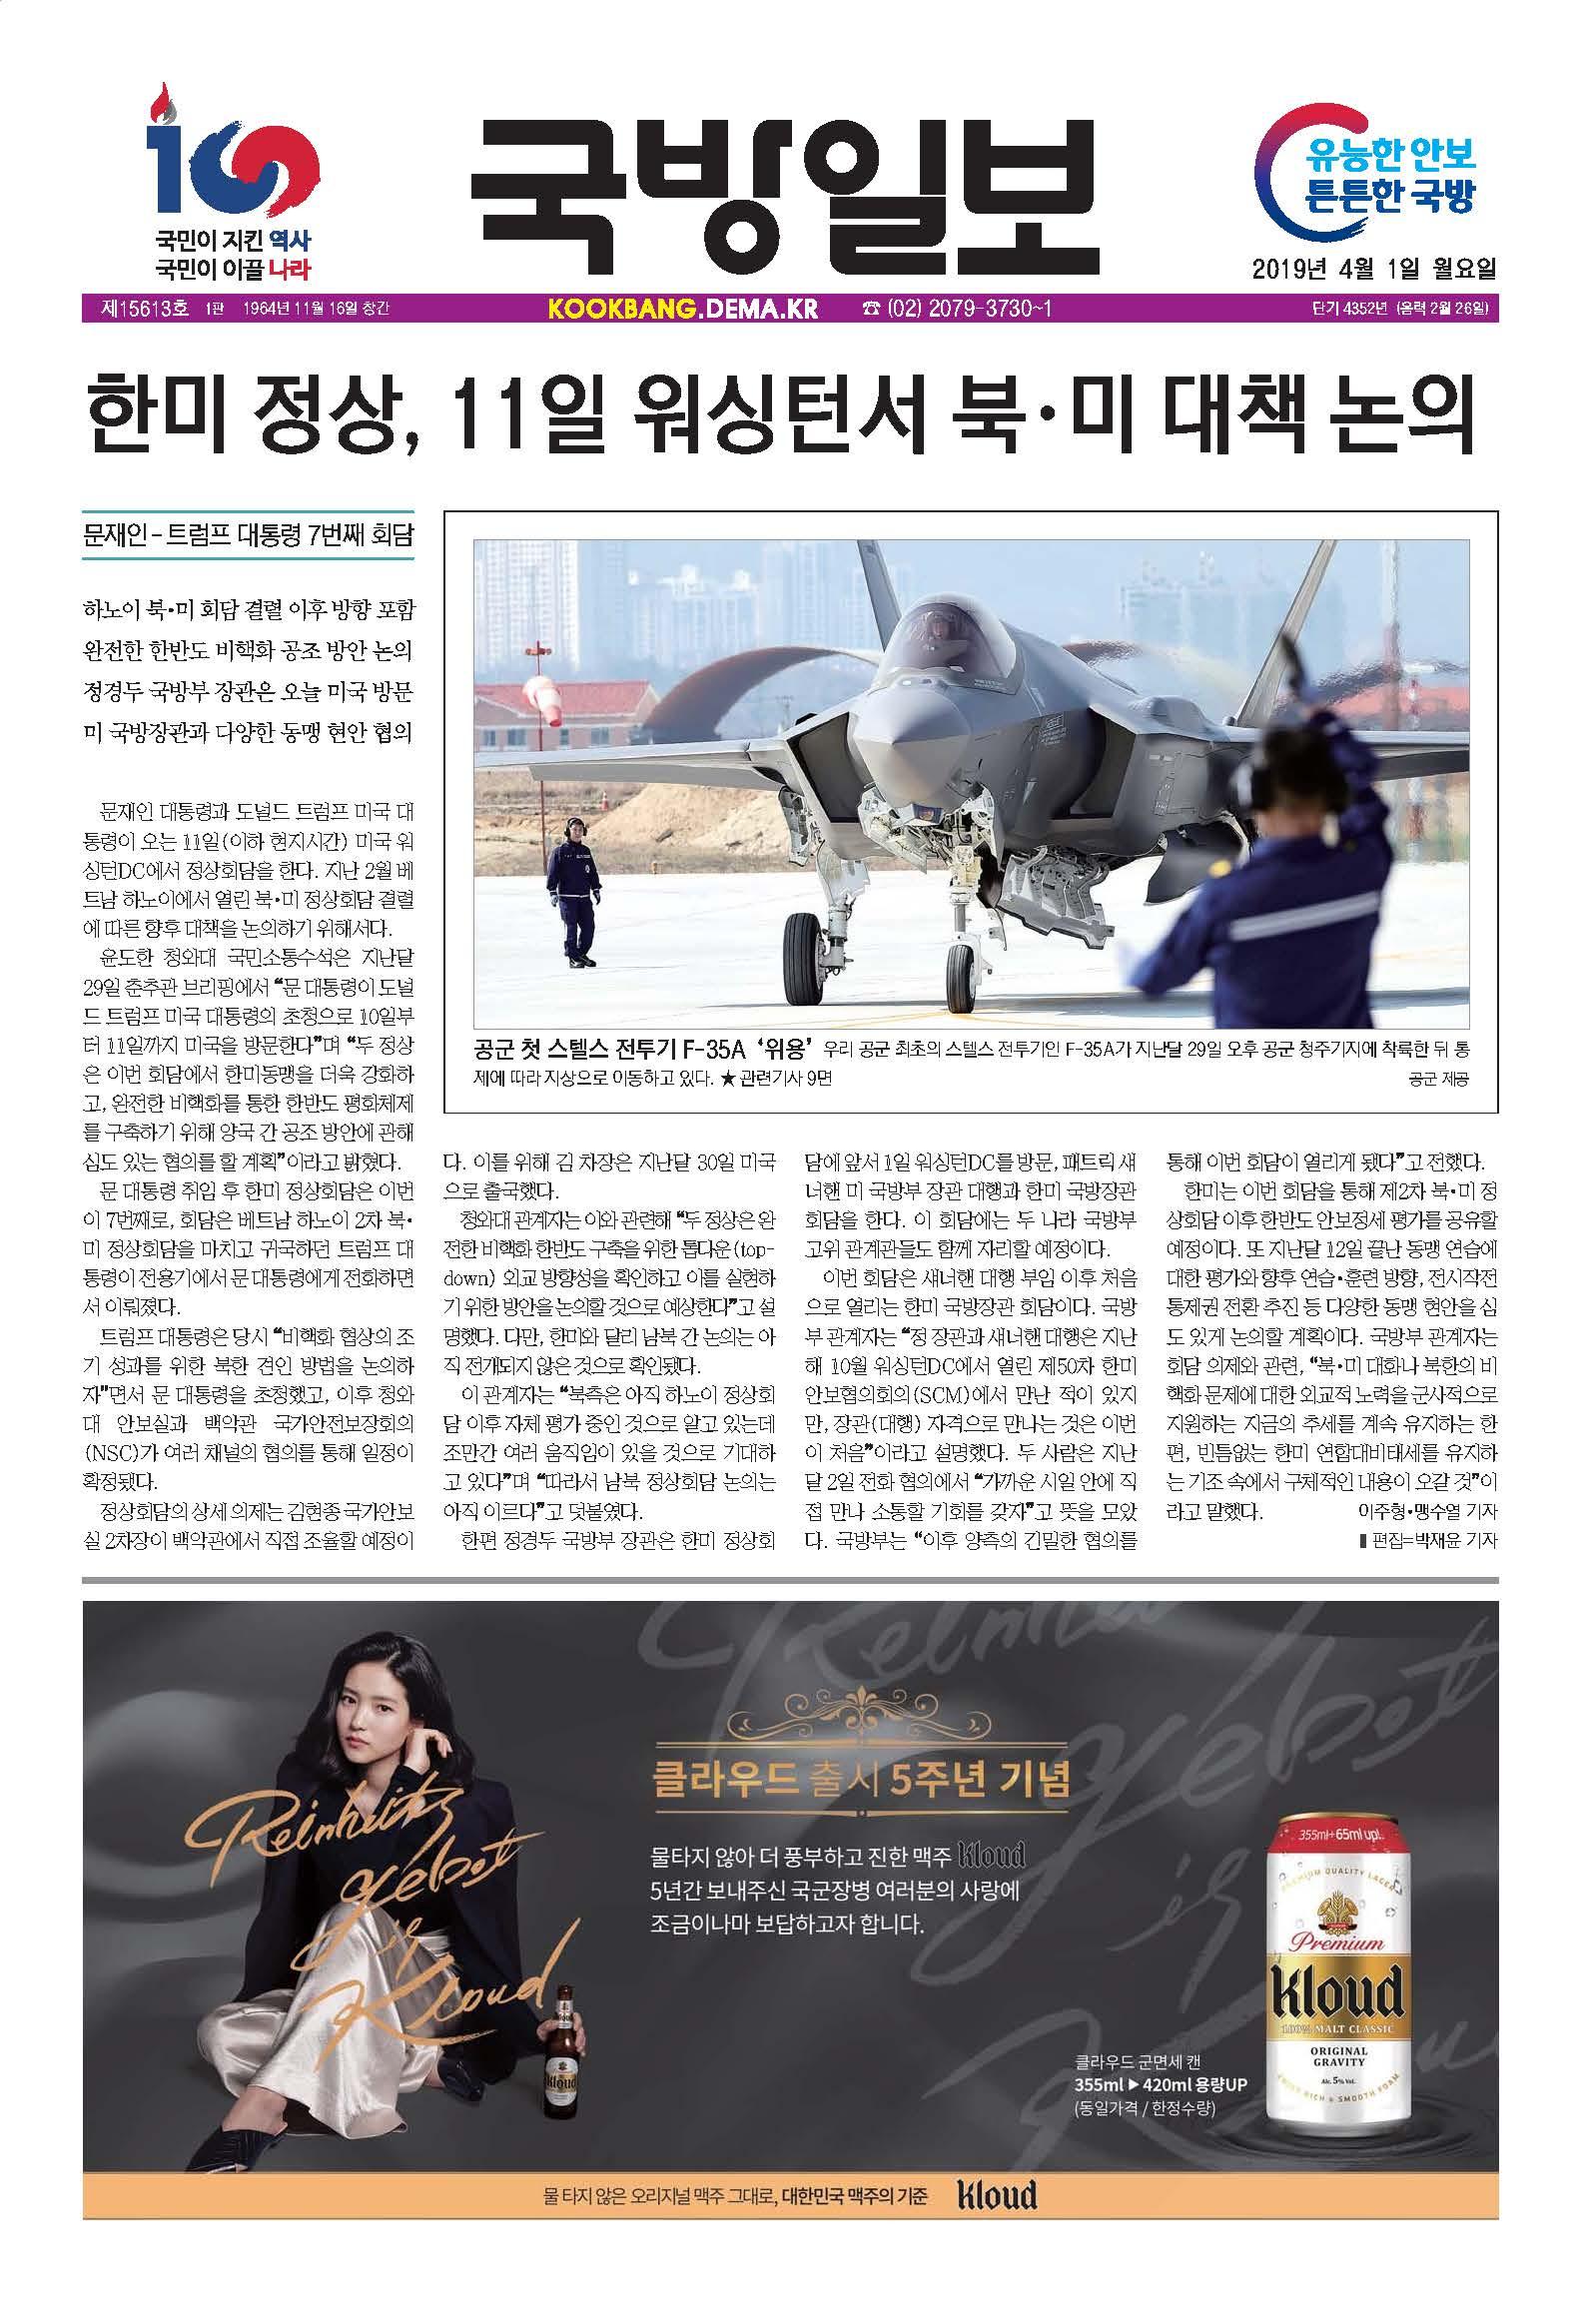 국방일보 3월